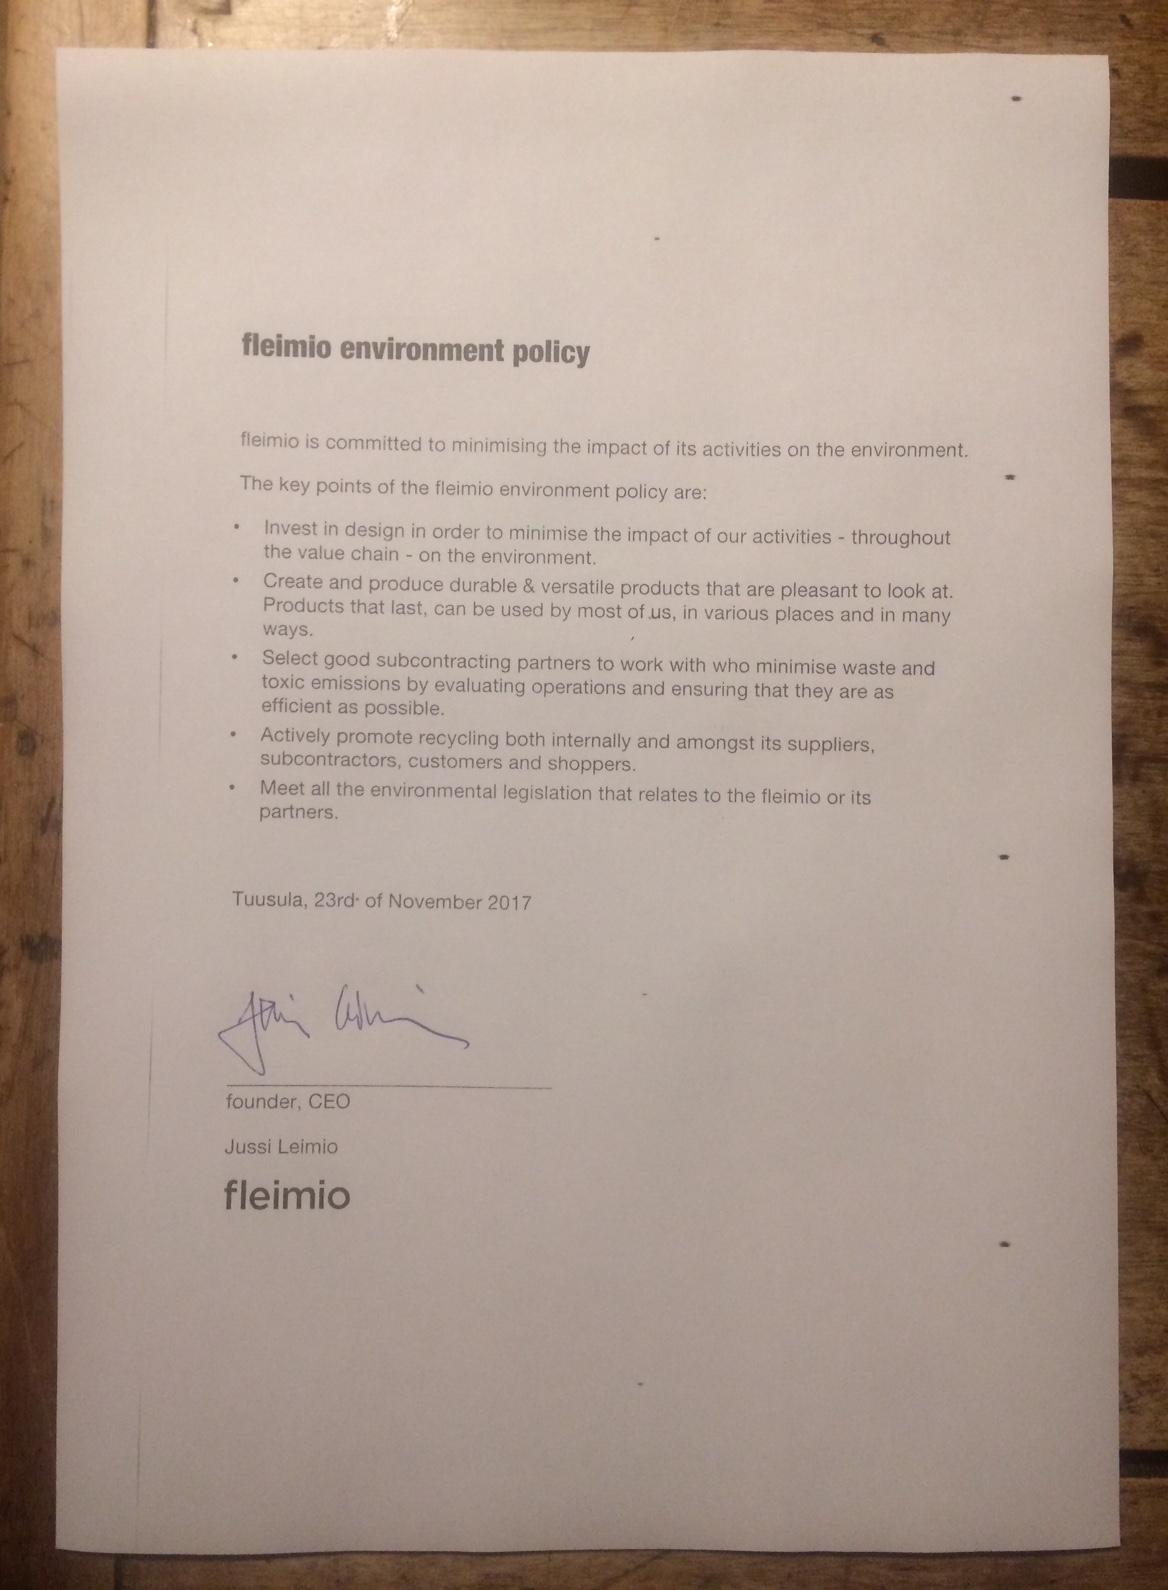 fleimio-environment-policy